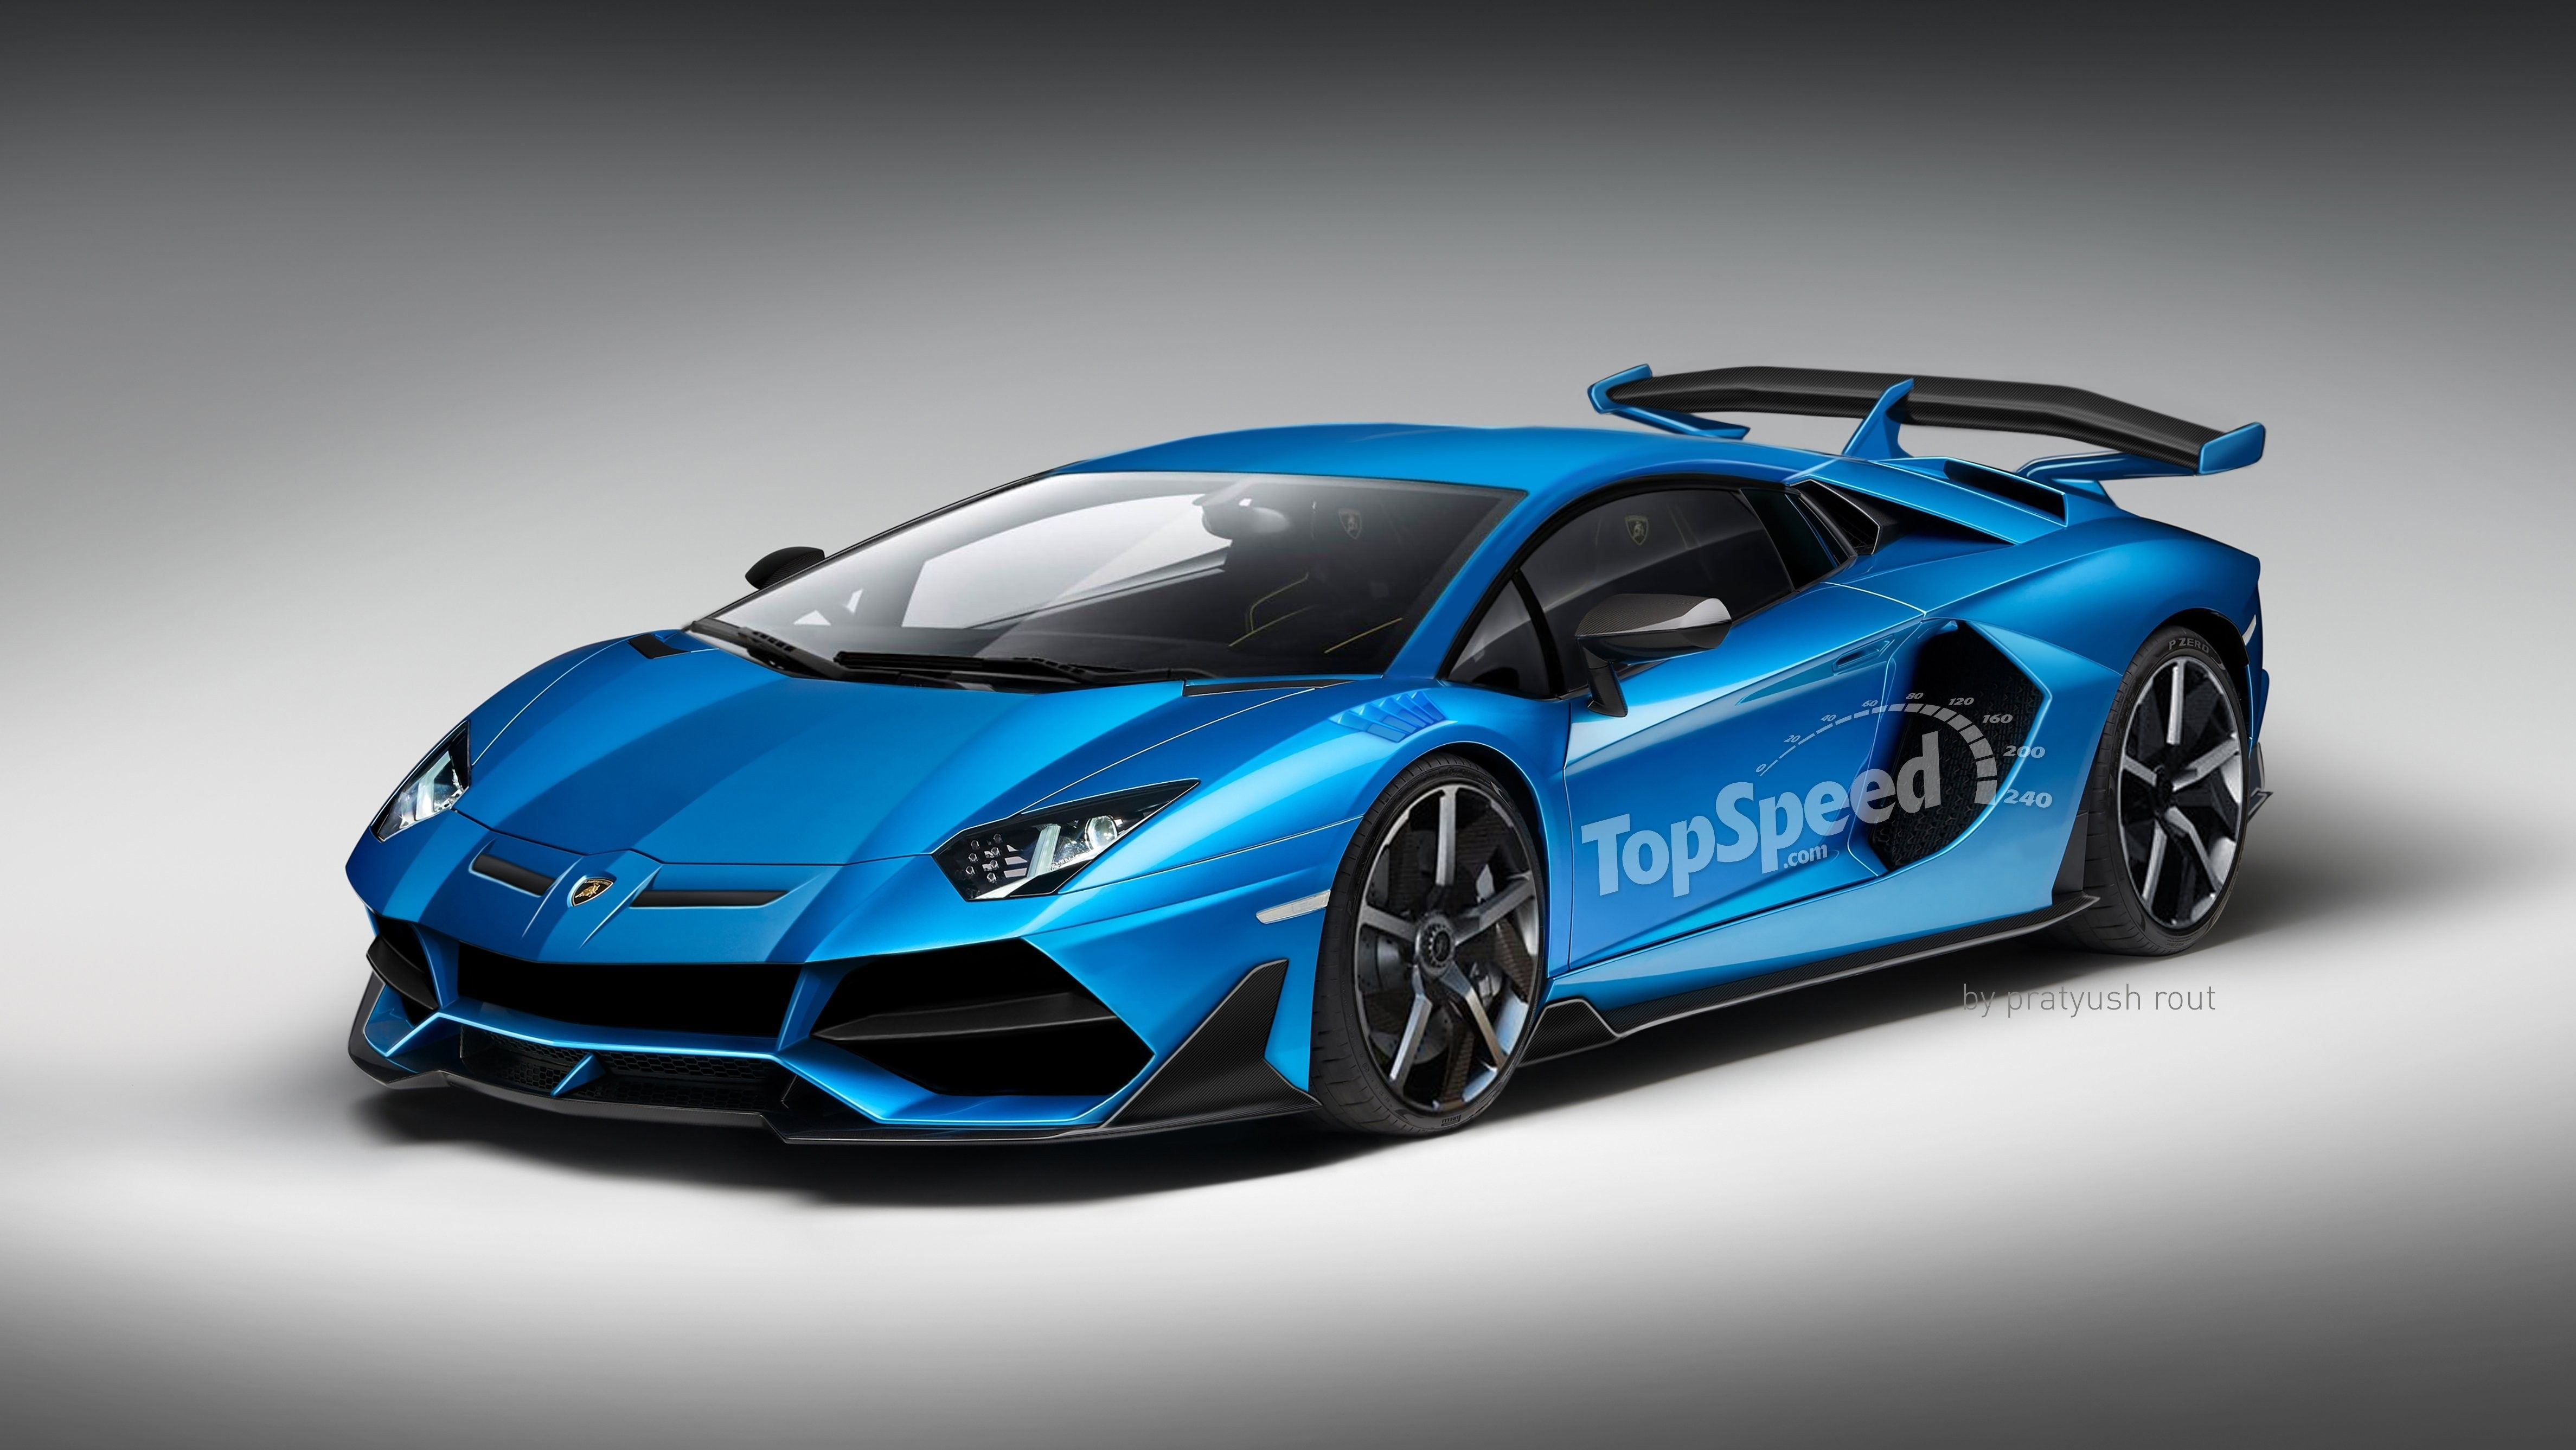 2019 Lamborghini Models Exterior Car 2018 Lamborghini Models